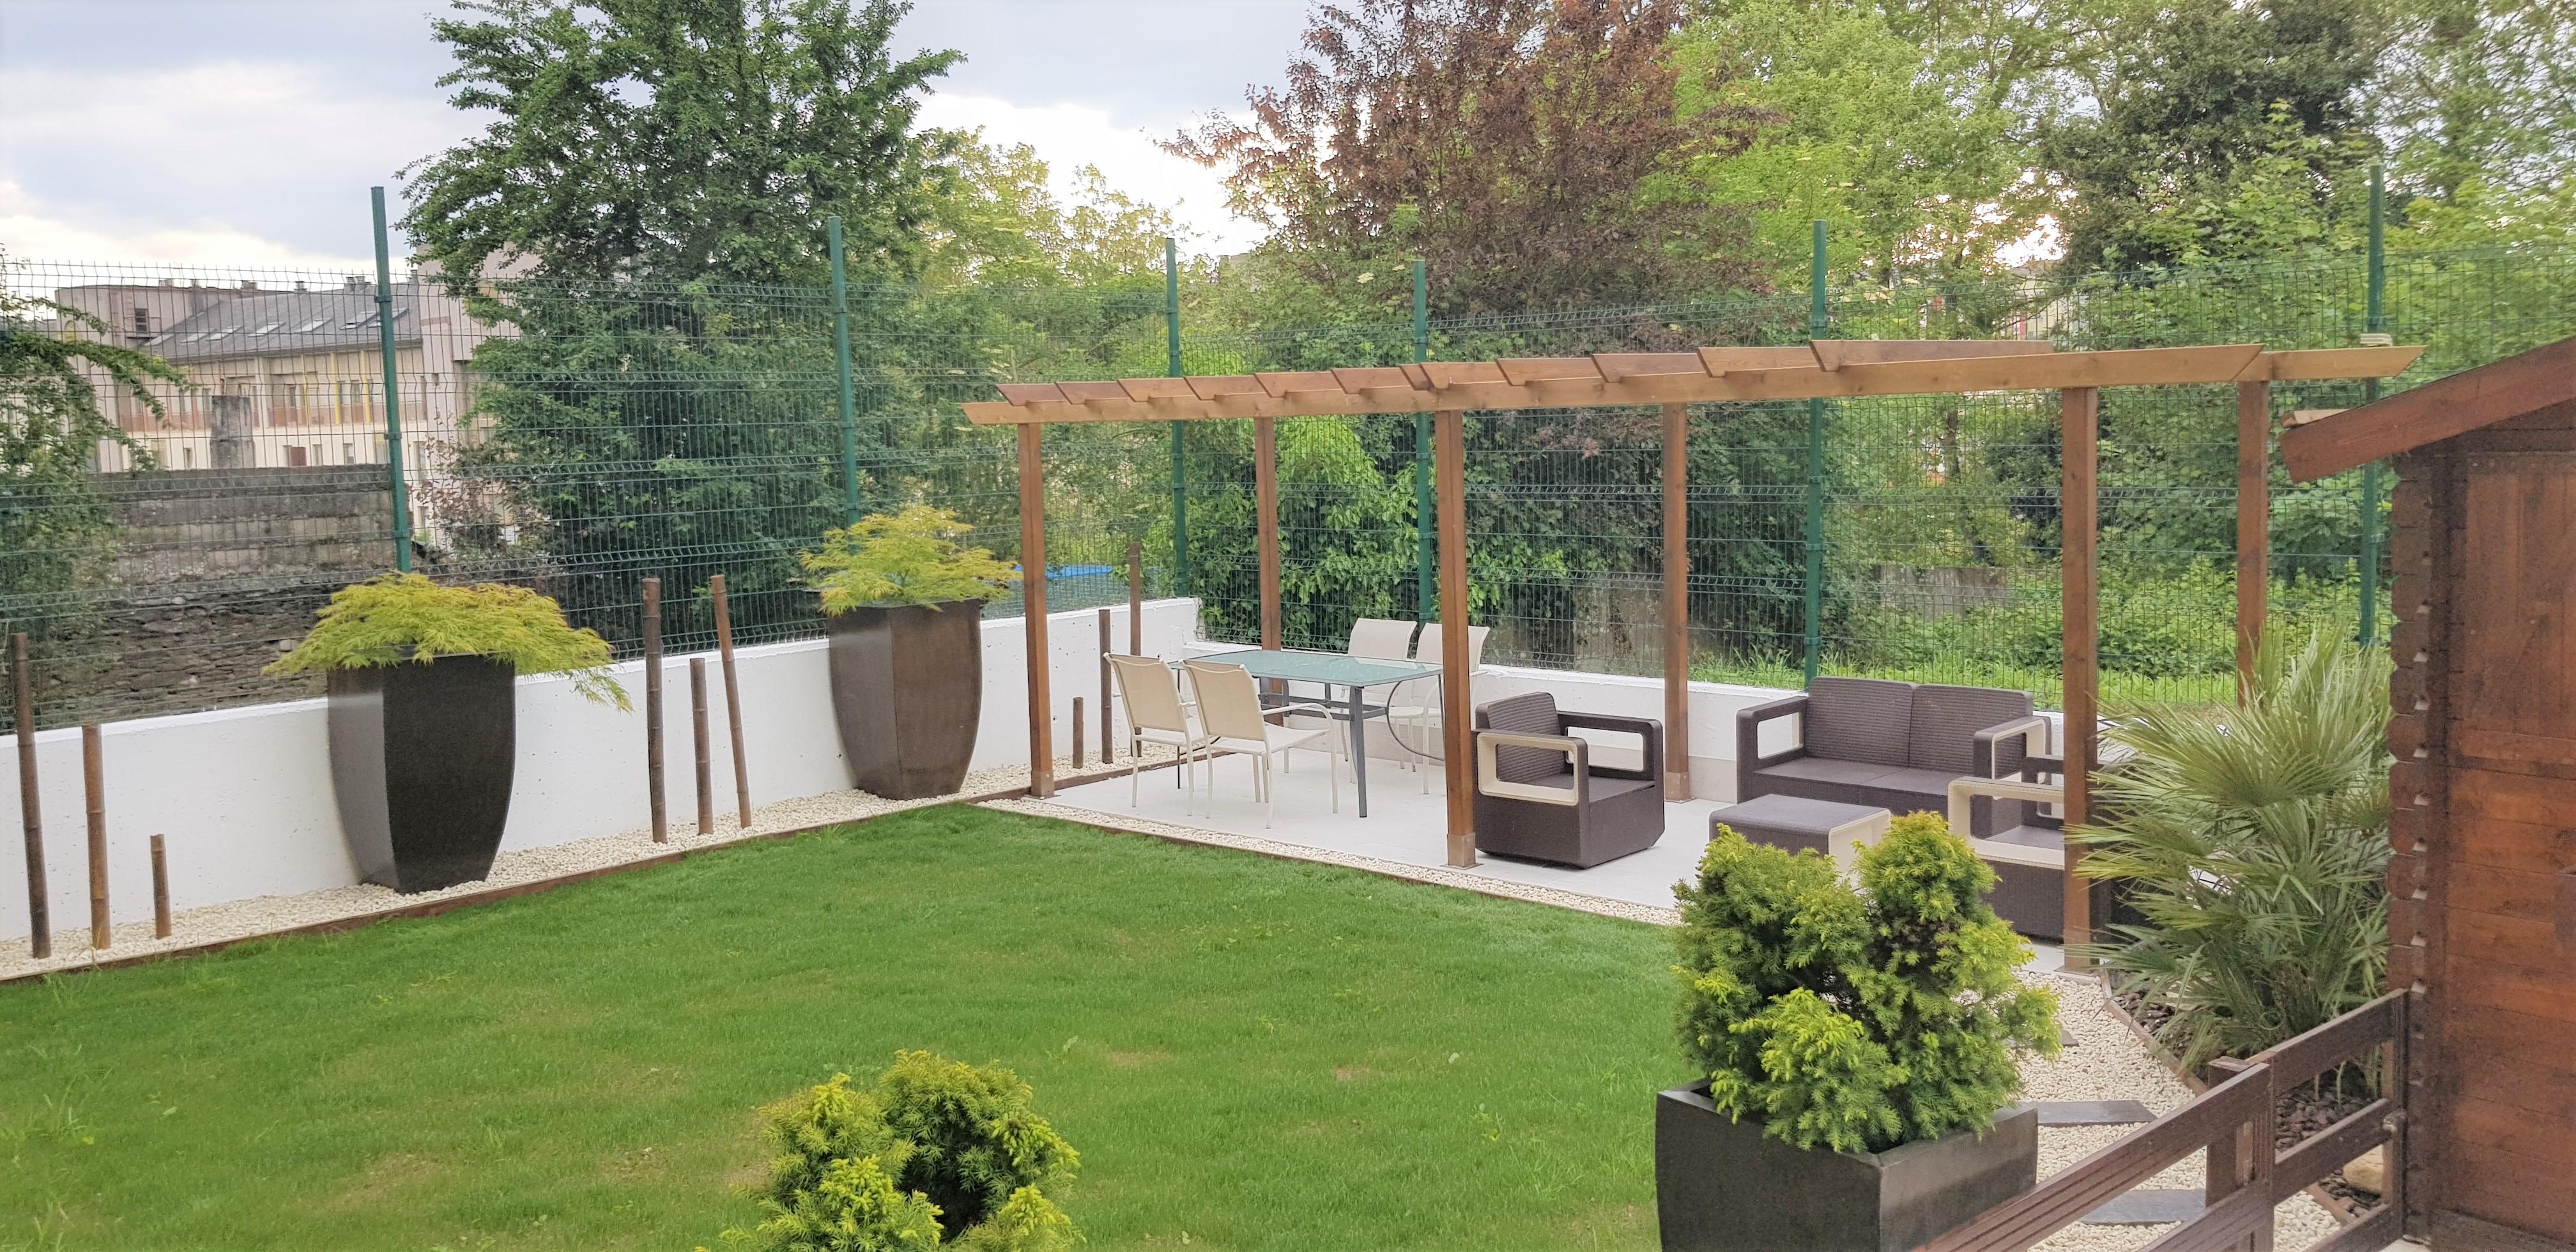 Piso completamente amueblado con jardín – en Calzada das Gándaras (Lugo)